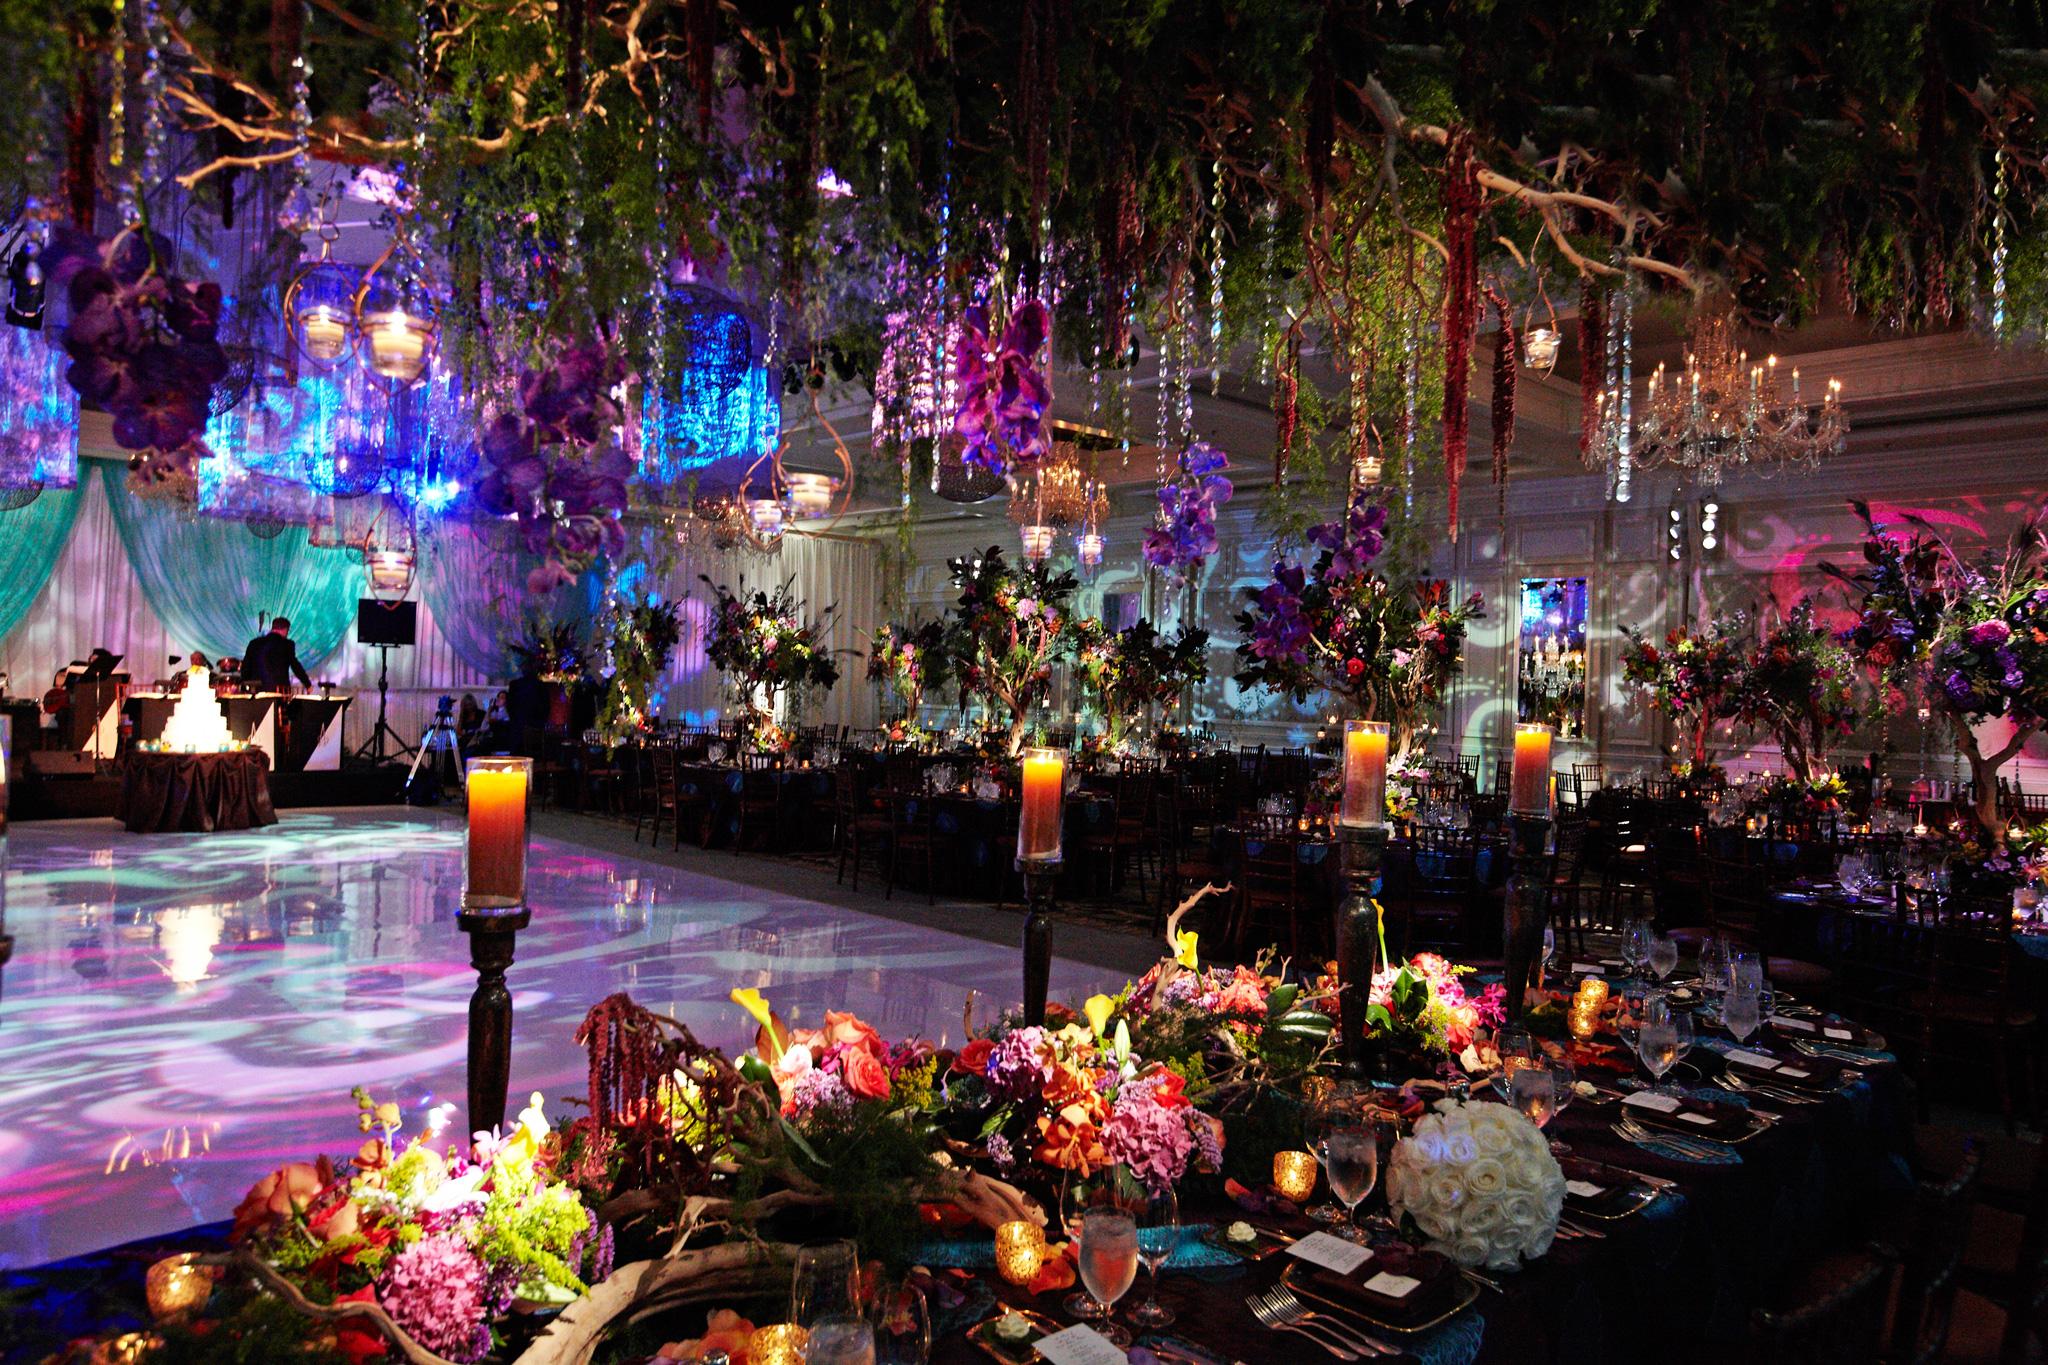 Indoor Dimly Lit Wedding Ceremonies And Receptions